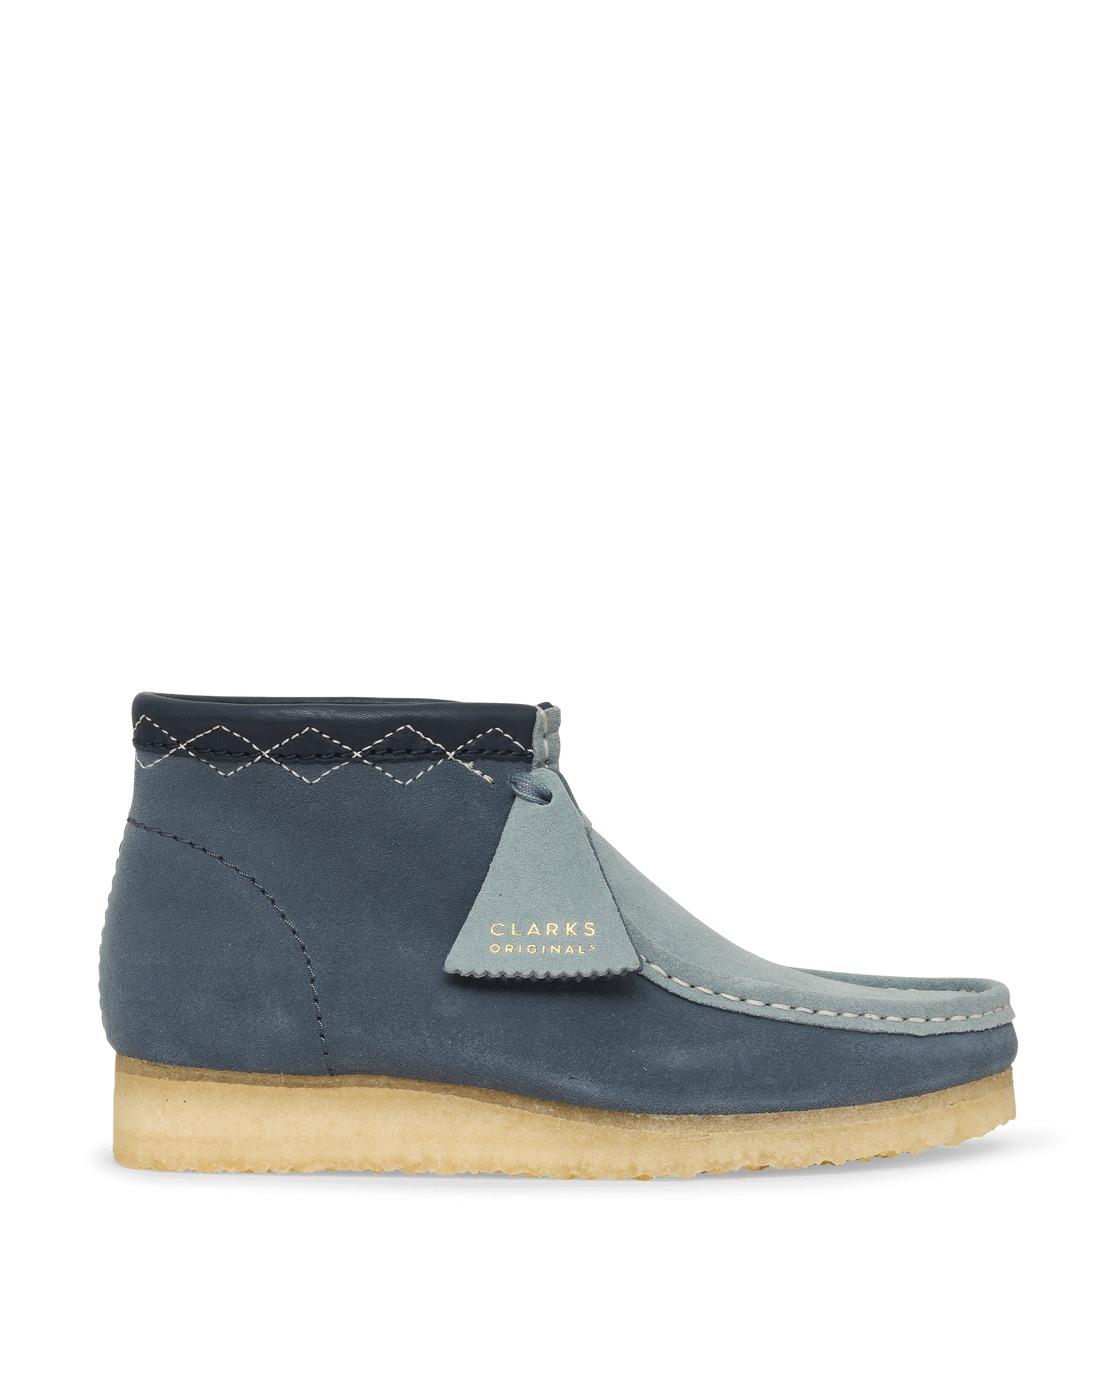 Photo: Clarks Originals Wallabee Boots Blue Combi